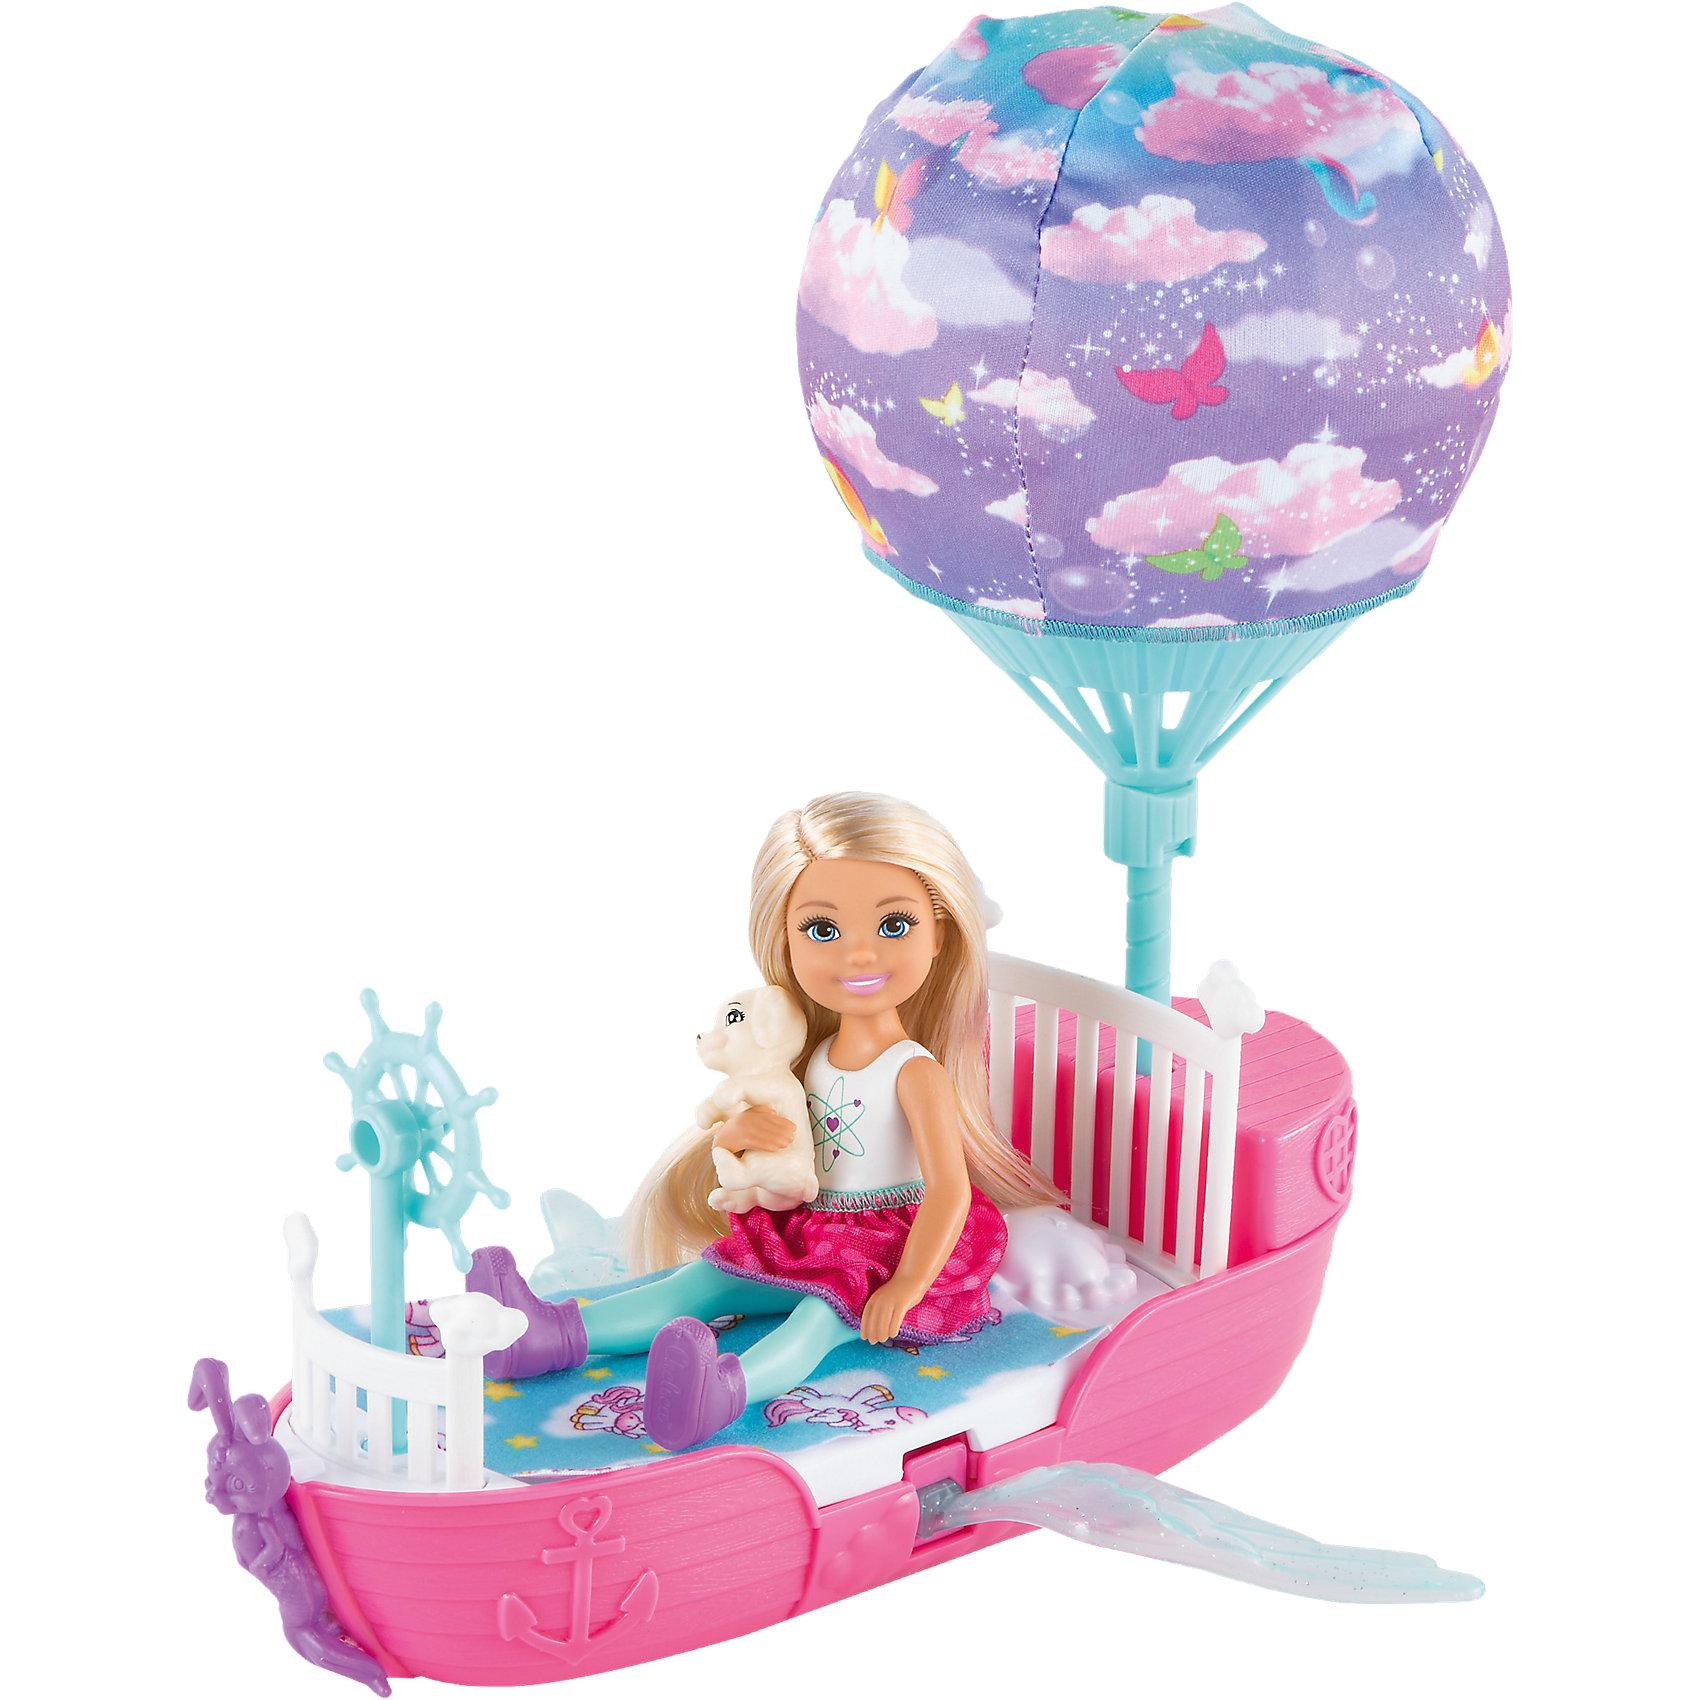 Волшебная кроватка Челси, BarbieПопулярные игрушки<br>Волшебная кроватка Челси, Barbie (Барби)<br><br>Характеристики:<br><br>• волшебная кроватка превращается в воздушный шар<br>• шар и крылья двигаются<br>• в комплекте: кукла, аксессуары, одежда, кровать, щенок, одеяло<br>• материал: пластик, текстиль<br>• размер упаковки: 31х9х27 см<br>• вес: 591 грамм<br><br>Для самых сладких снов куколка Челси выбрала для себя волшебную кроватку. Если прокатить ее вперед, - крылья и воздушный шар начнут двигаться, превращая кровать в настоящую летающую лодку. И, конечно же, малышка взяла всё самое необходимое для путешествия в страну снов: с ней всегда будет любимый щеночек и уютное одеяло. Кукла одета в красивое яркое платье и стильные кеды. Игрушка поможет девочке проявить свою фантазию и придумать множество историй о путешествиях Челси.<br><br>Волшебную кроватку Челси, Barbie (Барби) вы можете купить в нашем интернет-магазине.<br><br>Ширина мм: 307<br>Глубина мм: 266<br>Высота мм: 91<br>Вес г: 487<br>Возраст от месяцев: 36<br>Возраст до месяцев: 72<br>Пол: Женский<br>Возраст: Детский<br>SKU: 5257133